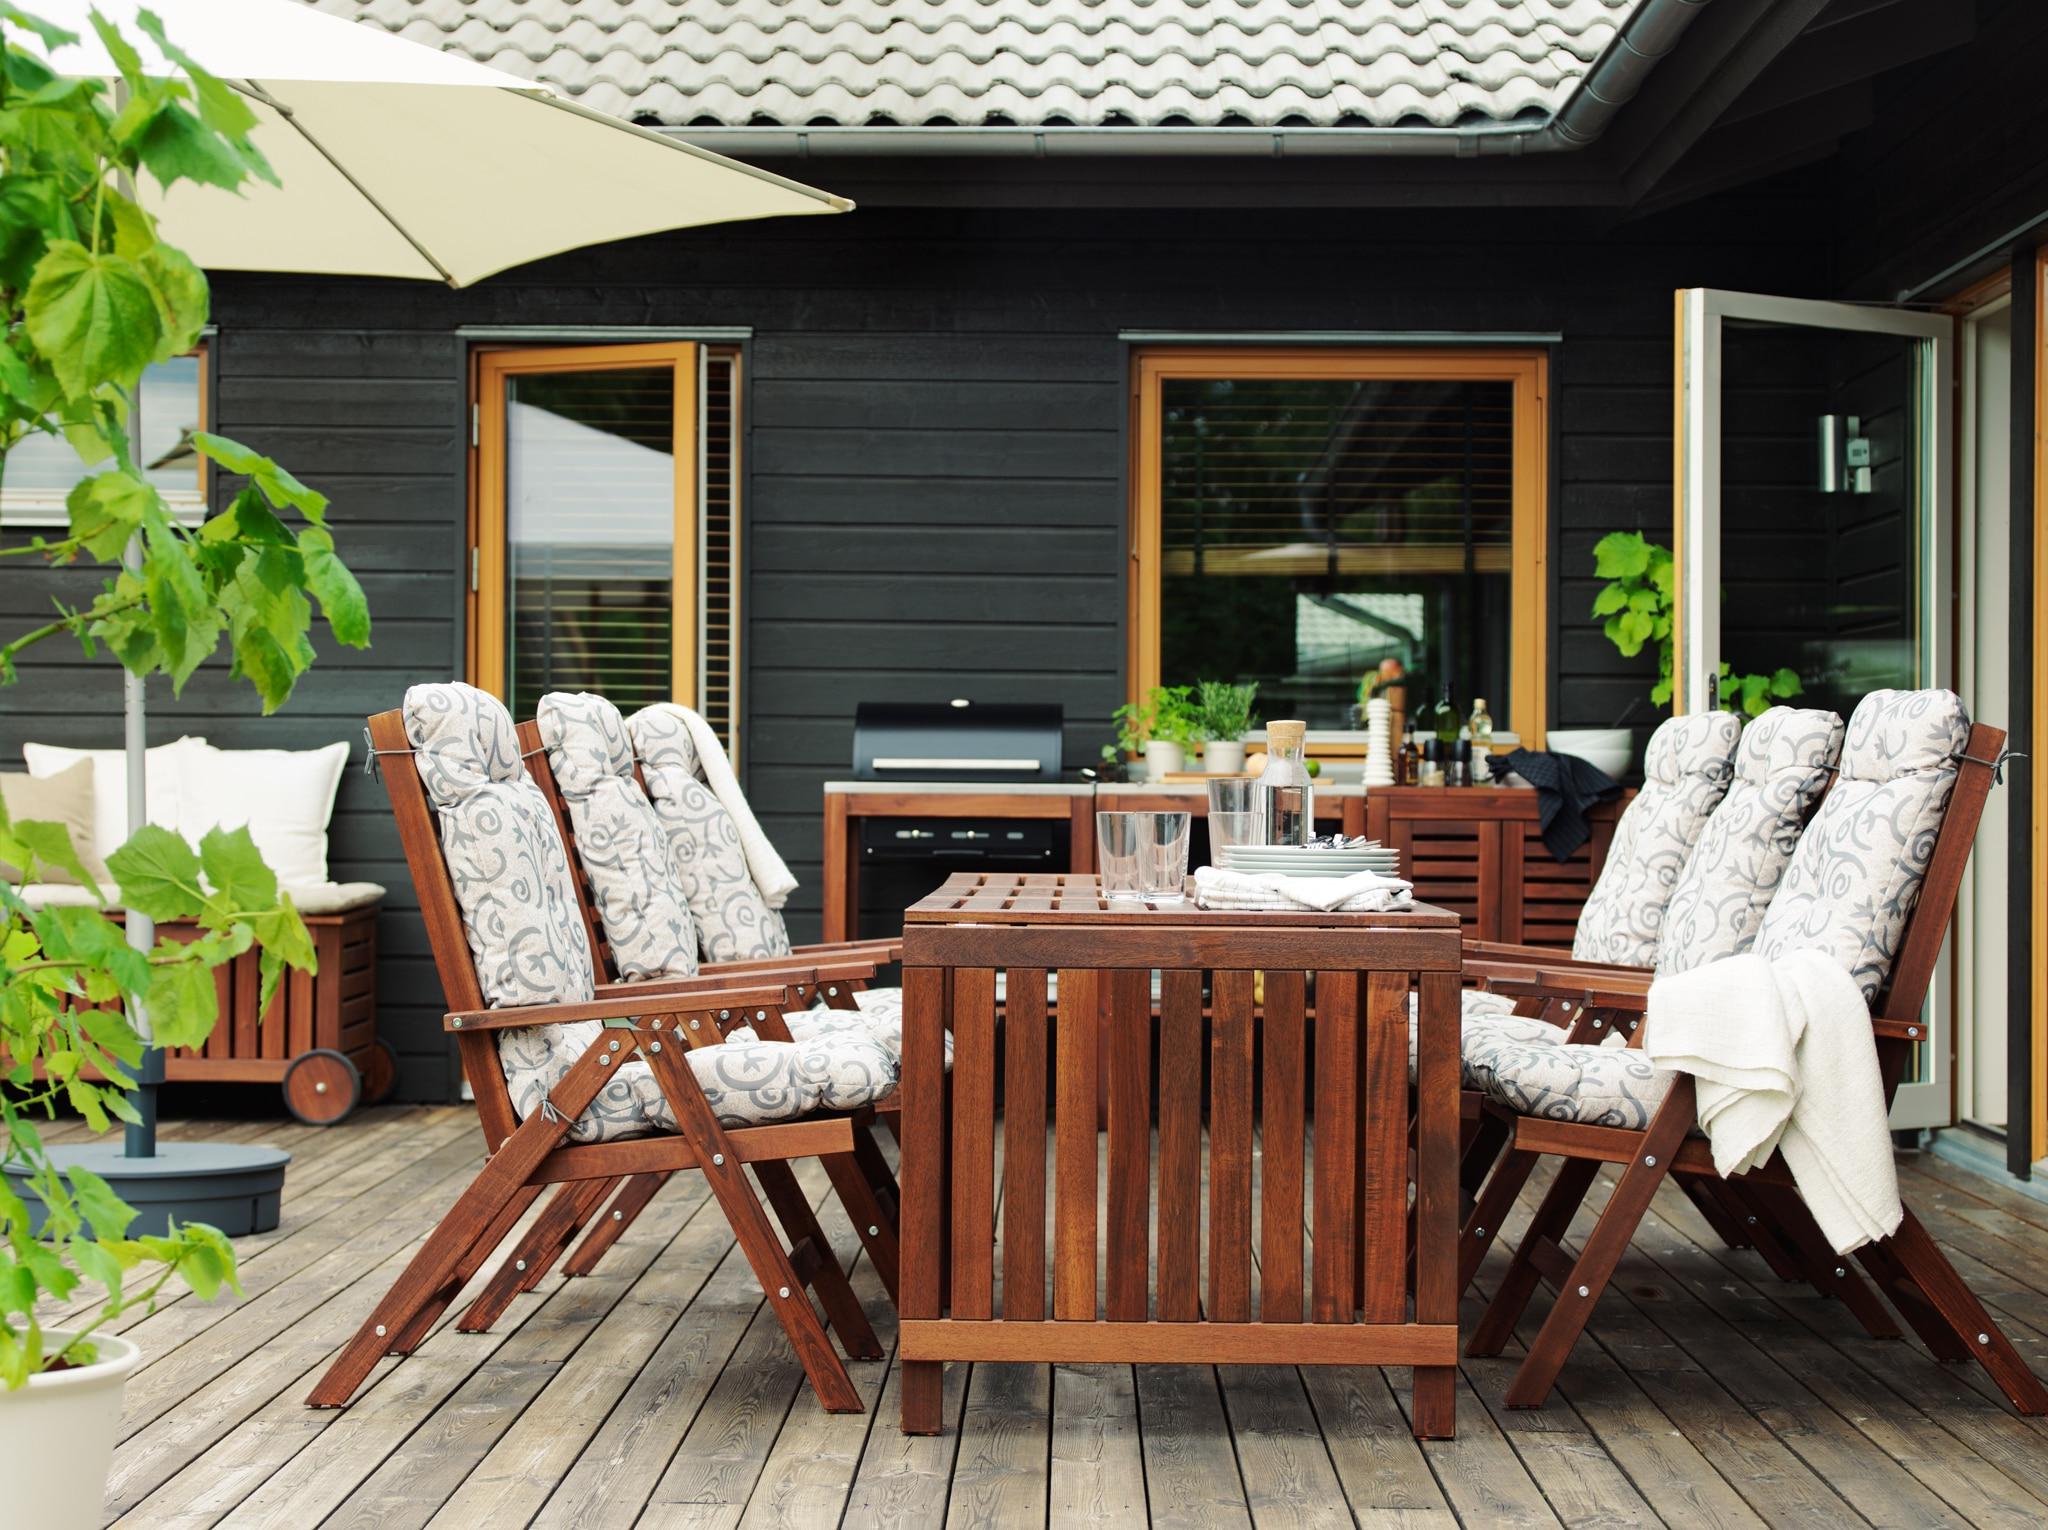 Mesas y sillas de jardin ikea sillas de jardin ikea mesas for Conjuntos de jardin ikea